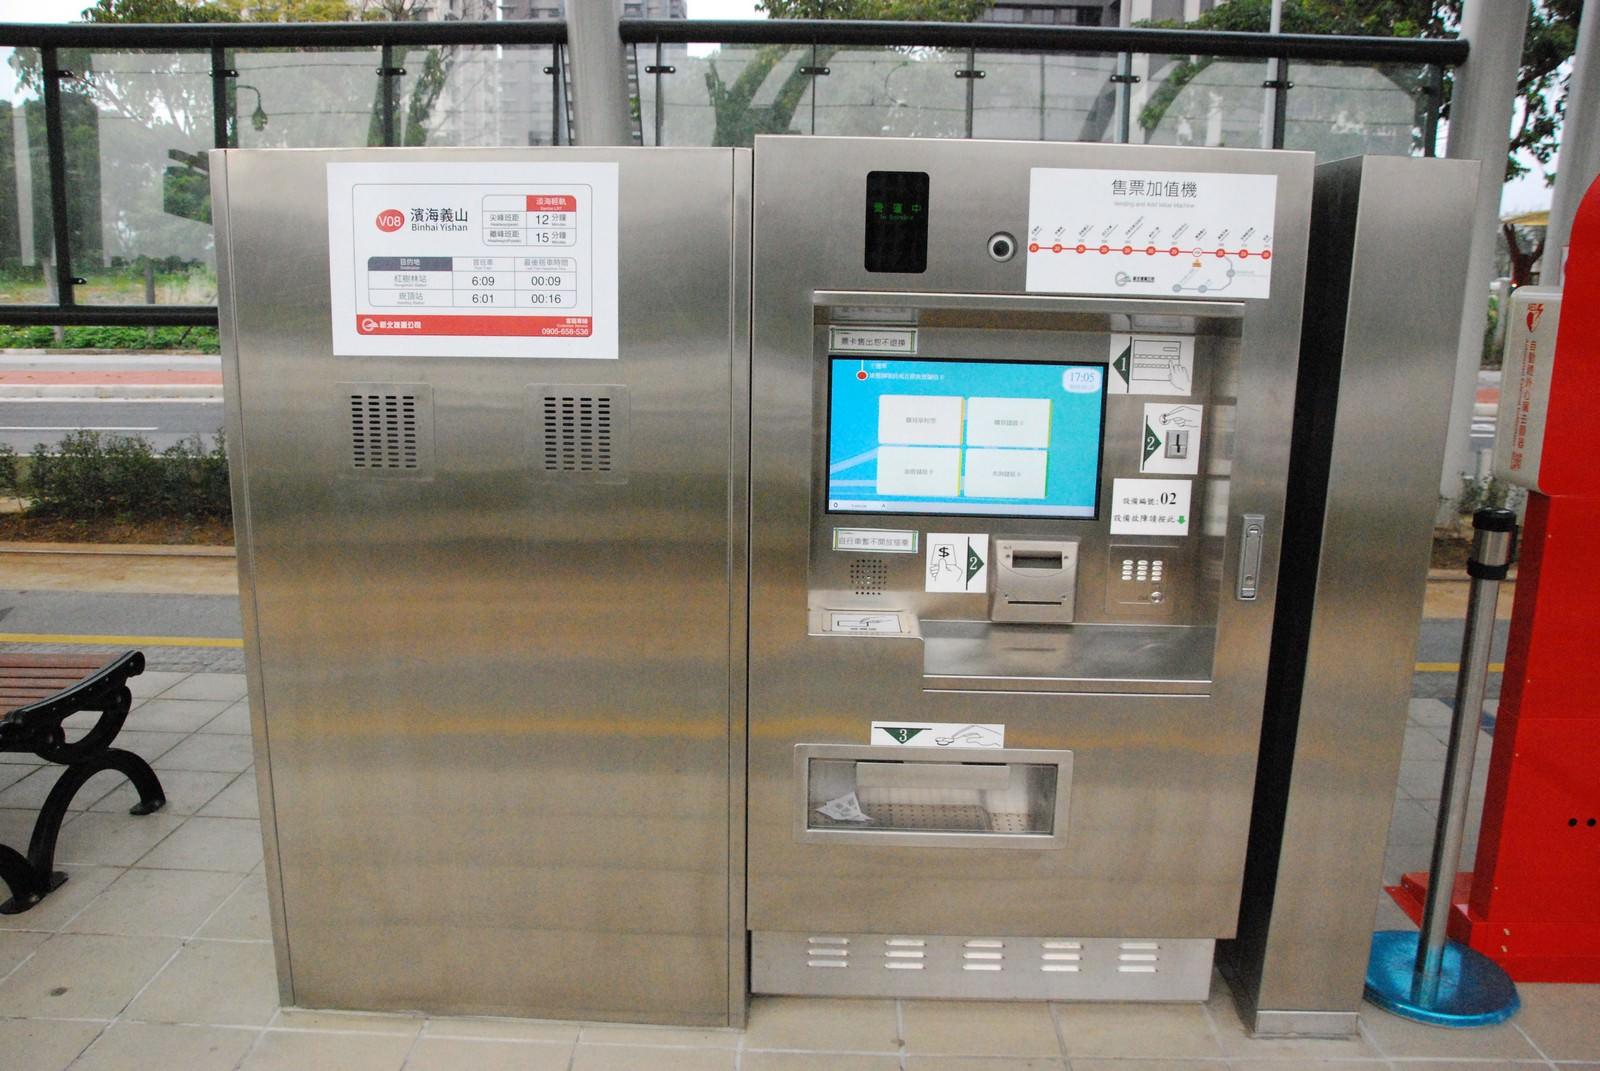 淡海輕軌綠山線, 輕軌濱海義山站, 售票加值機